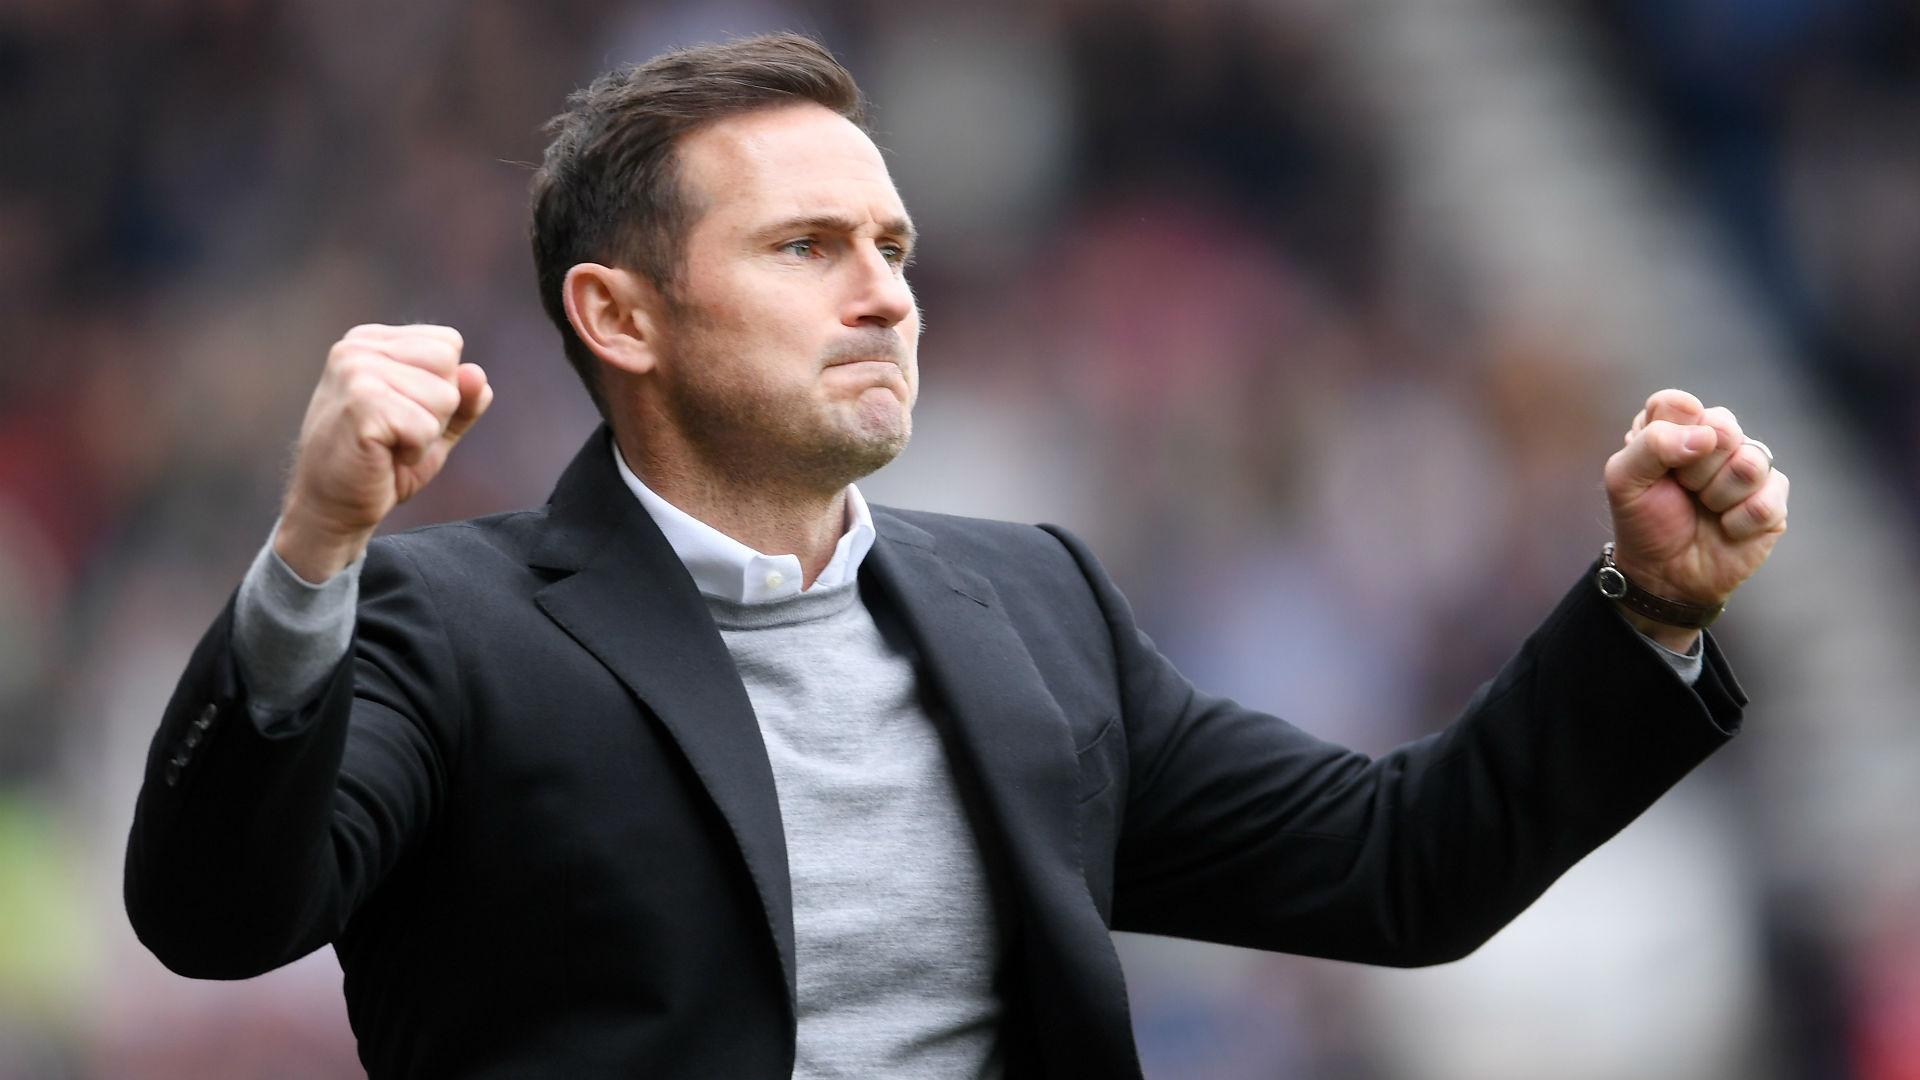 CHÍNH THỨC! Derby xác nhận, Lampard chờ ra mắt Chelsea - Bóng Đá